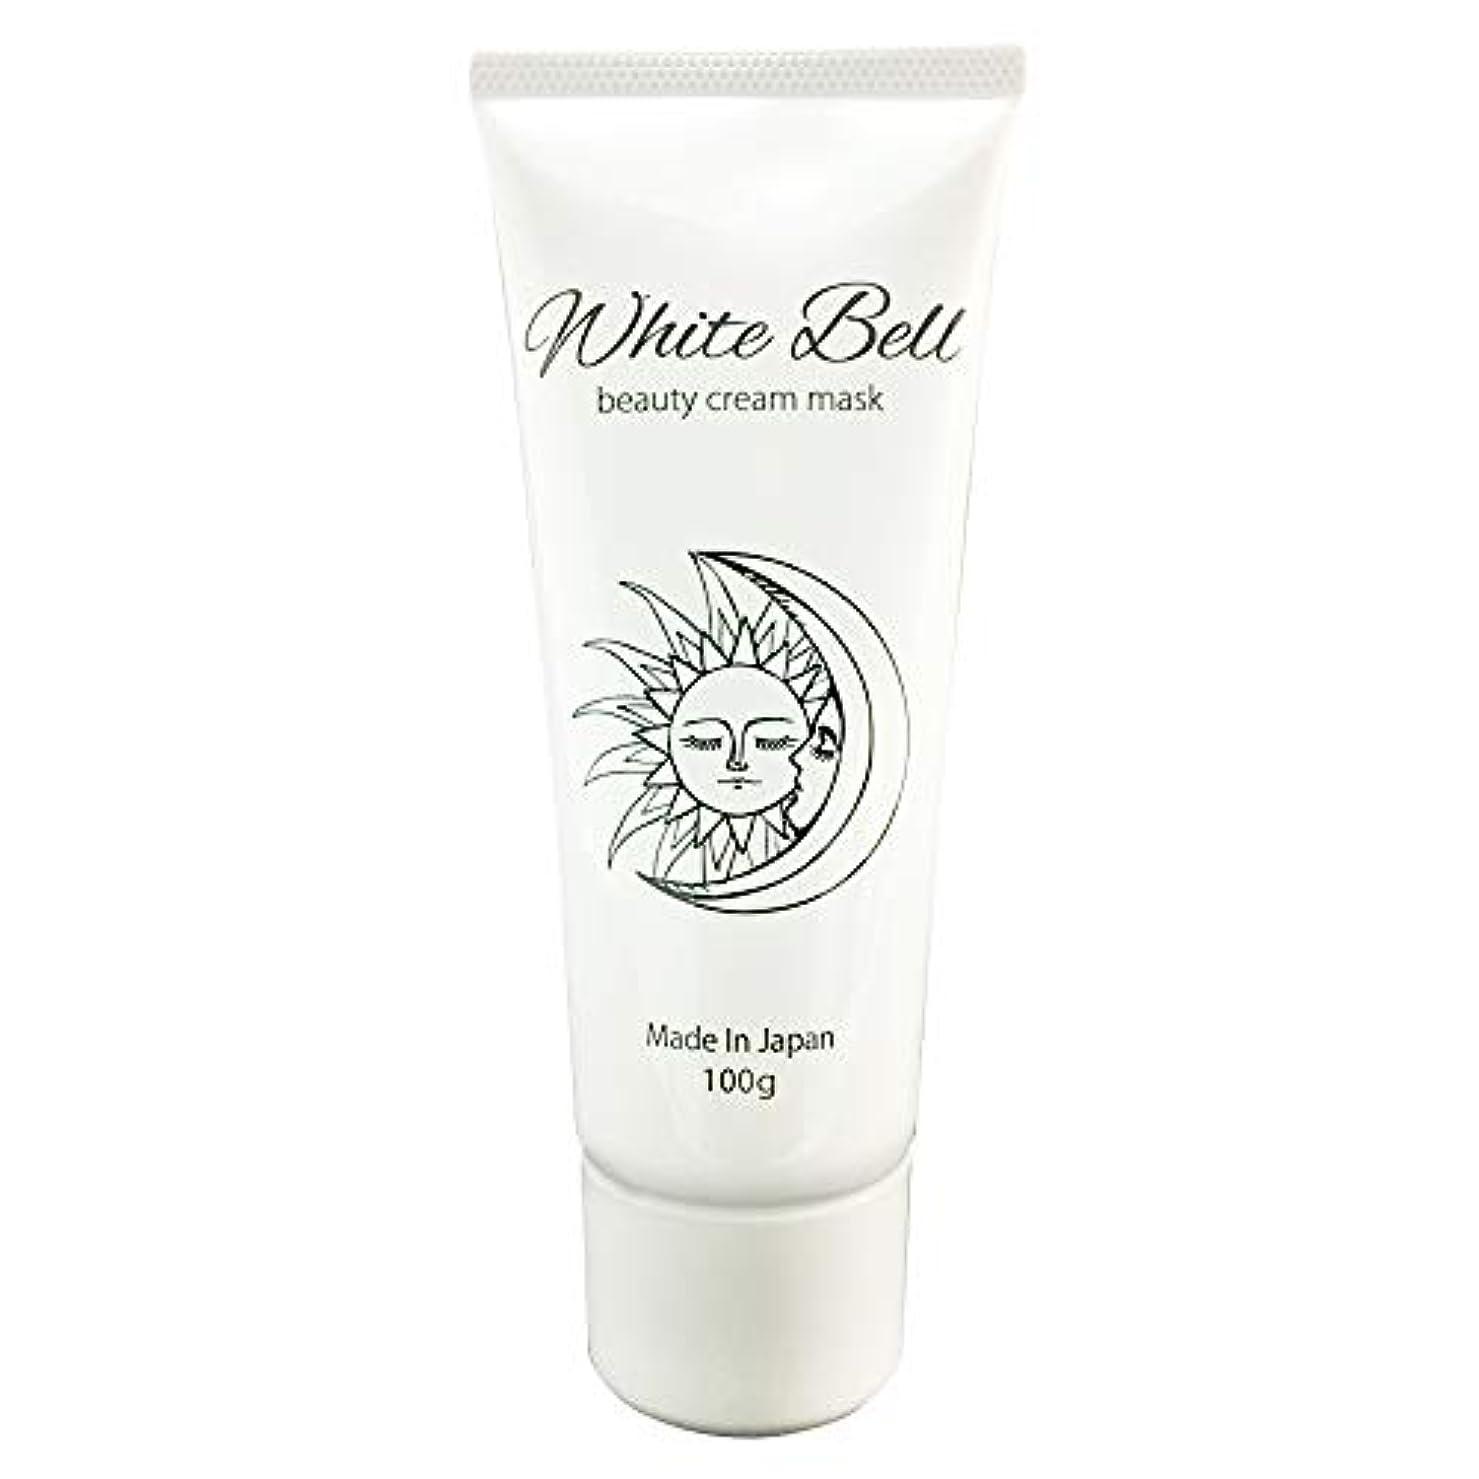 水銀の意志に反するレビュアーホワイトベル ビューティークリームマスク White-Bell beauty cream mask ナイトクリーム オールインワン